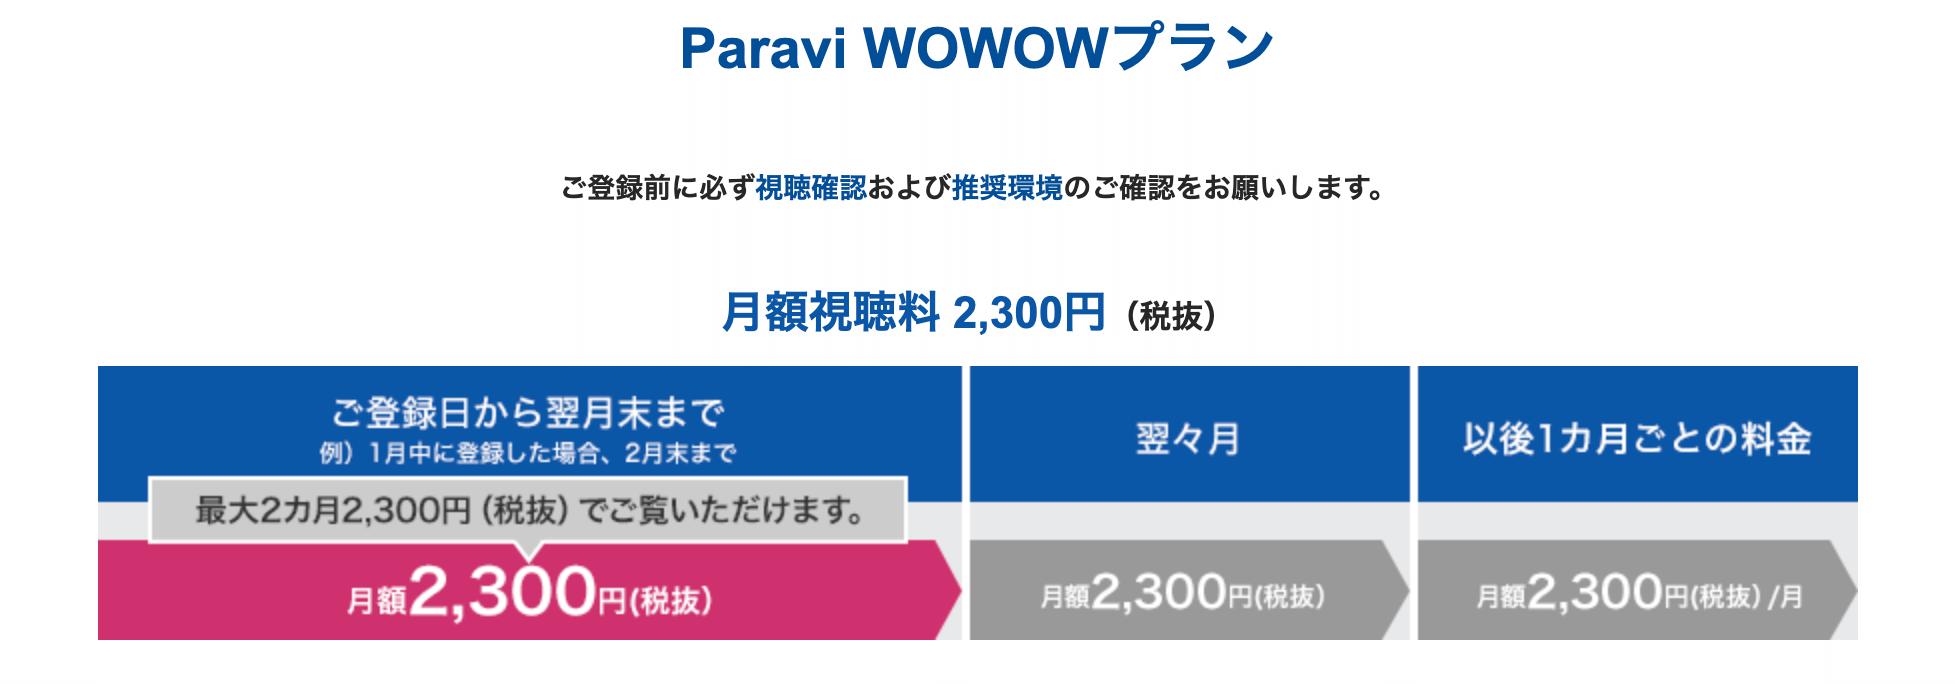 パラビ wowow